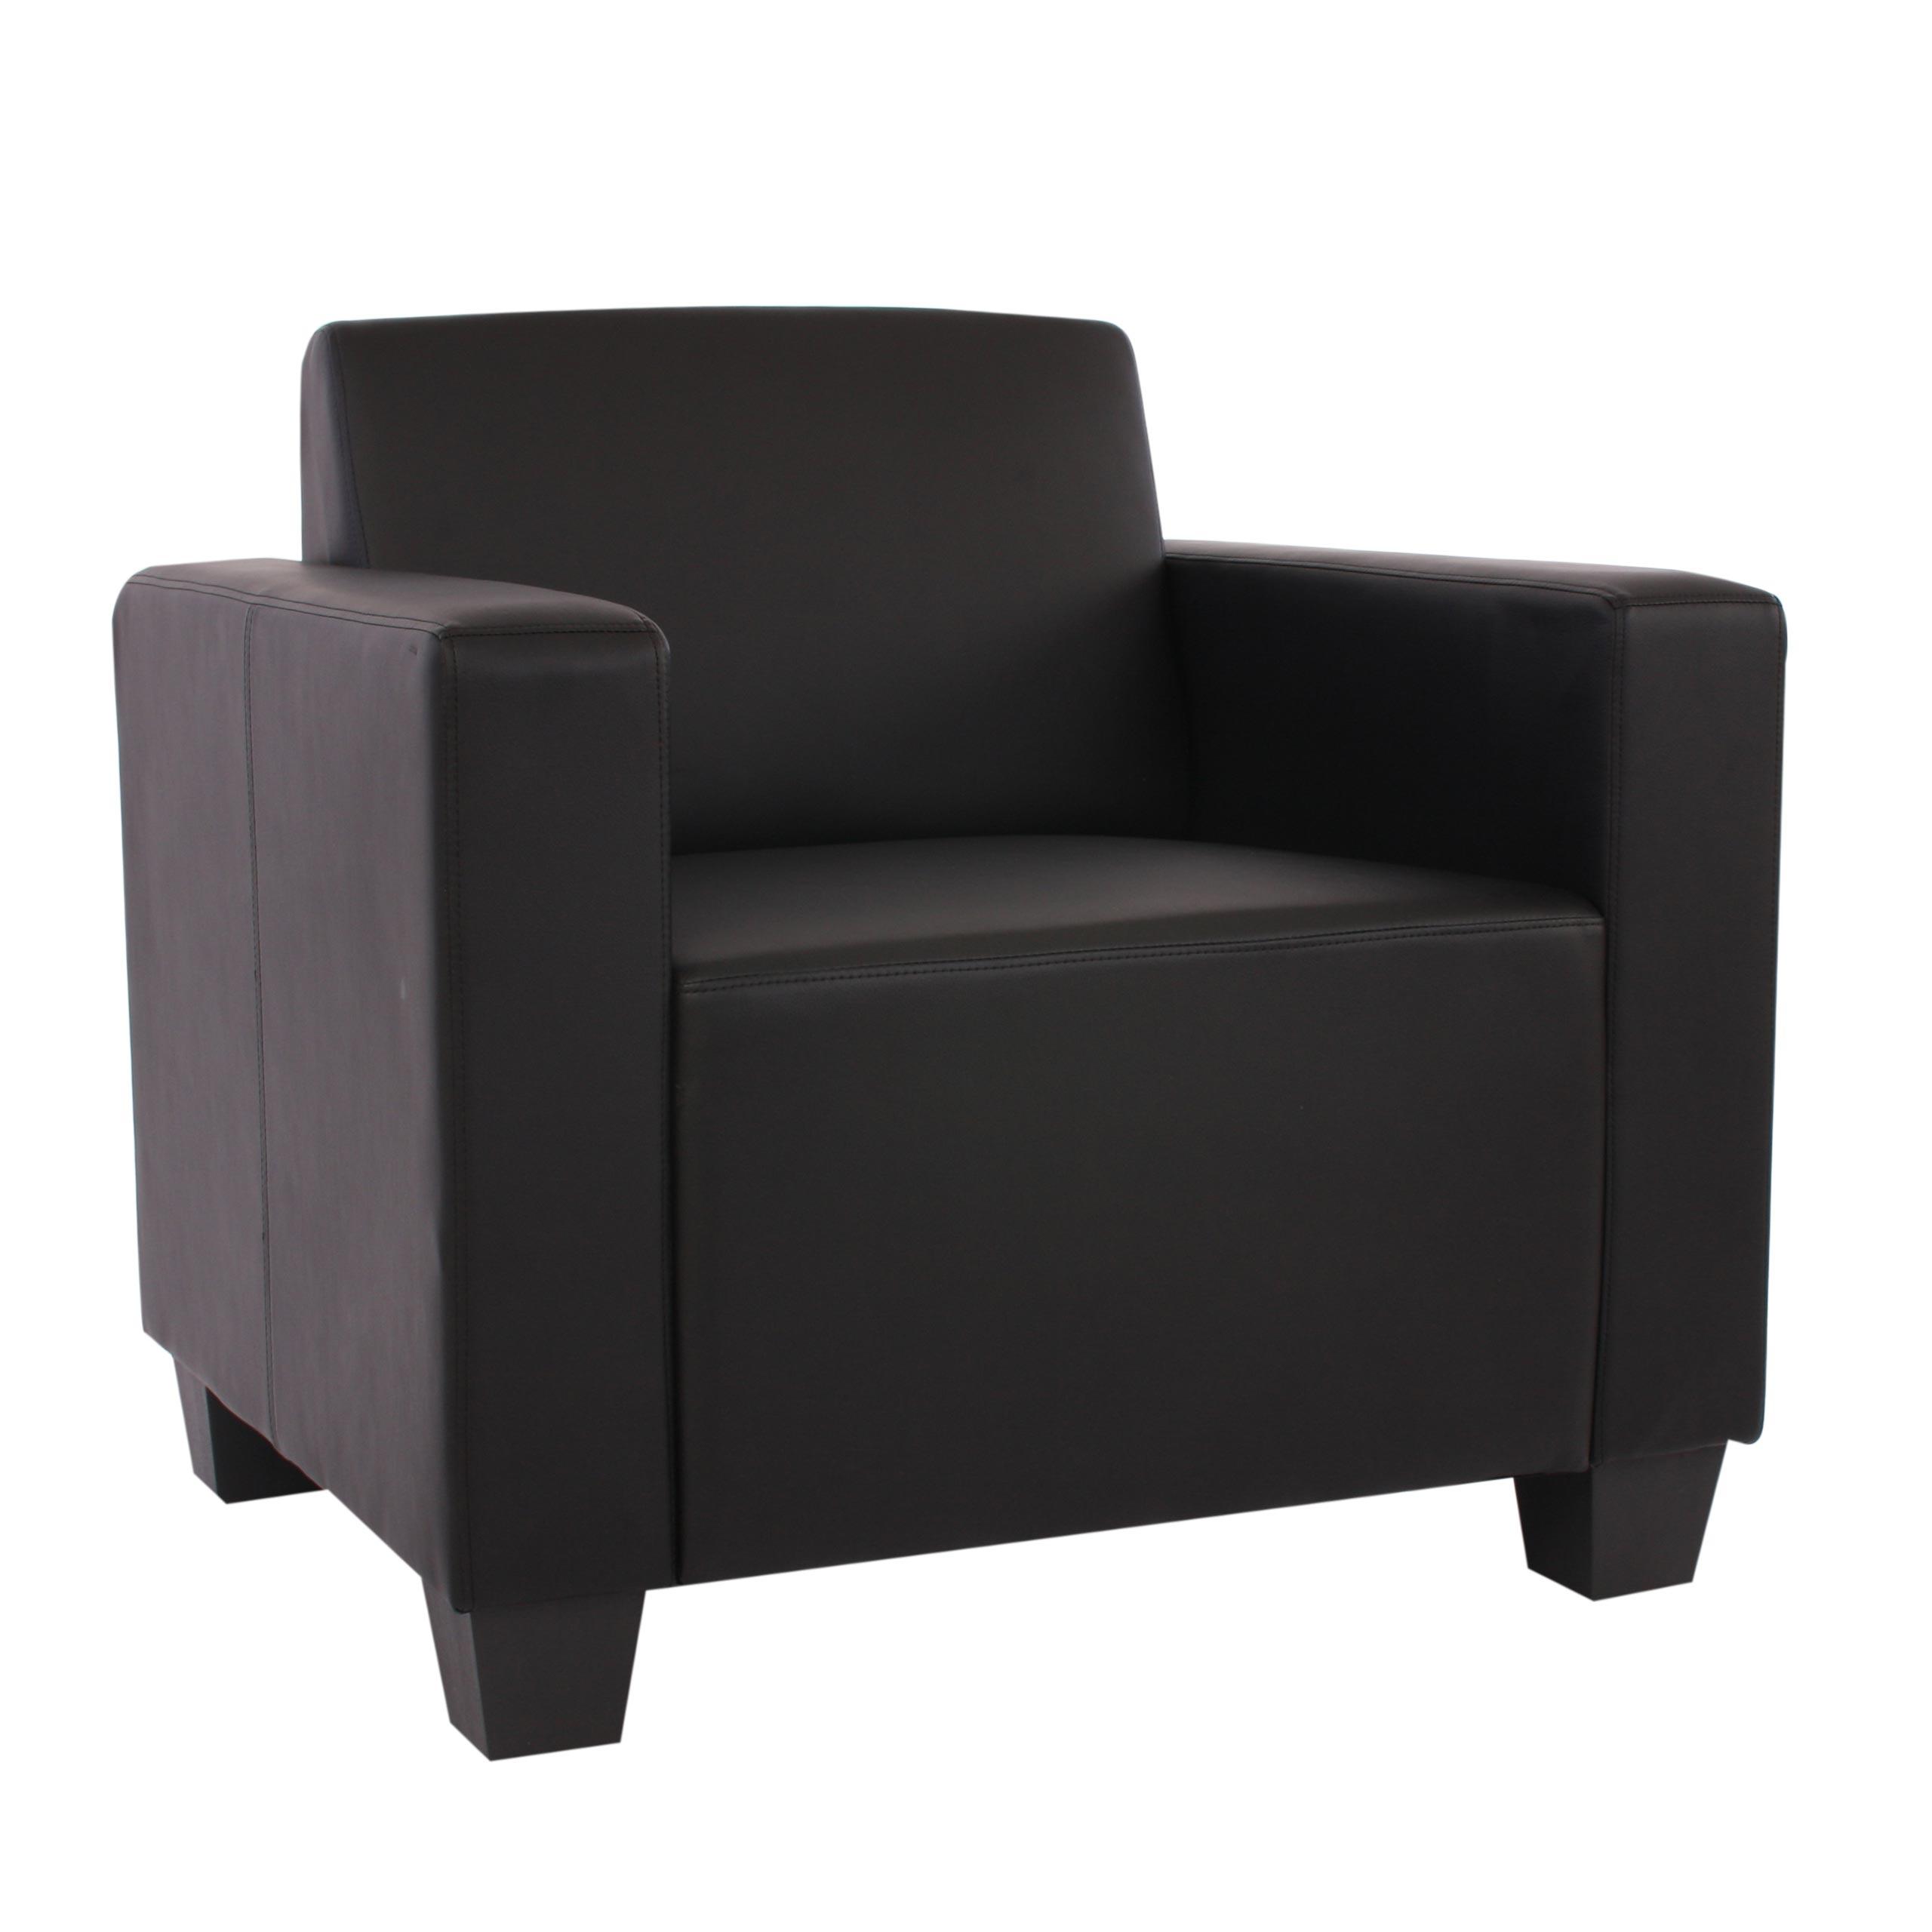 Modular Sessel Loungesessel Lyon Kunstleder Schwarz